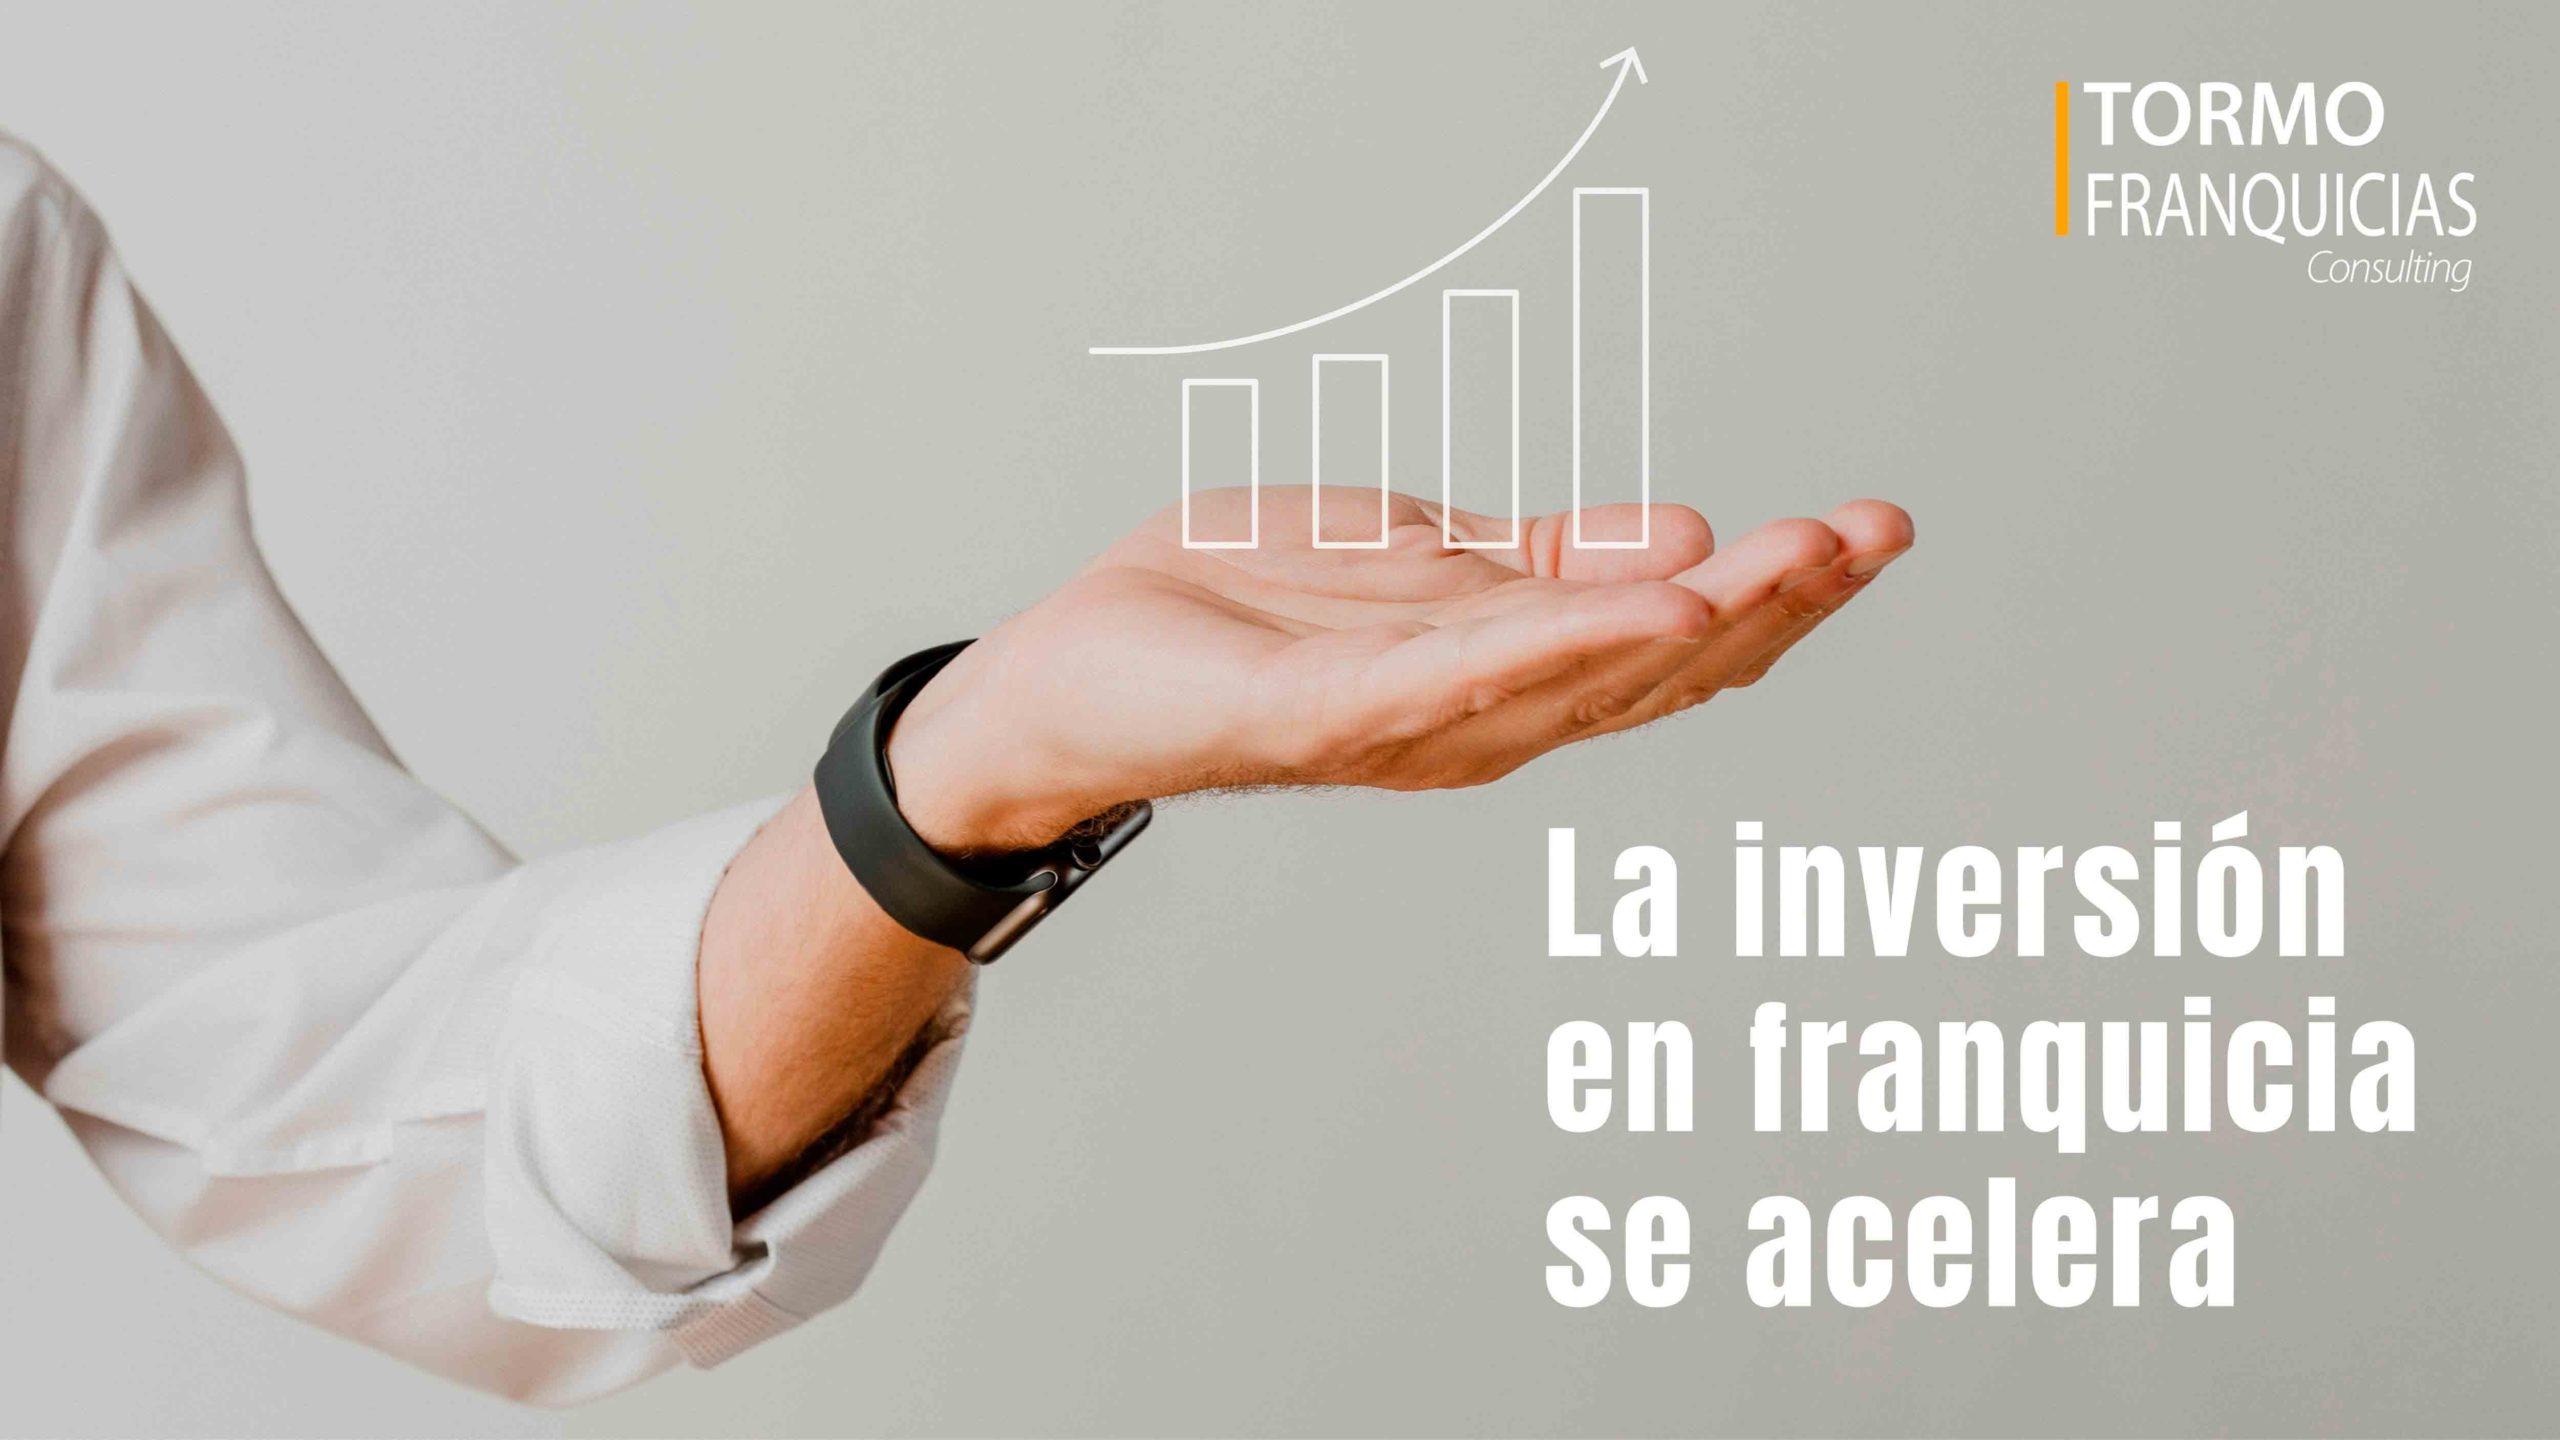 La inversión en franquicia vuelve a acelerarse según informan desde la consultora Tormo Franquicias